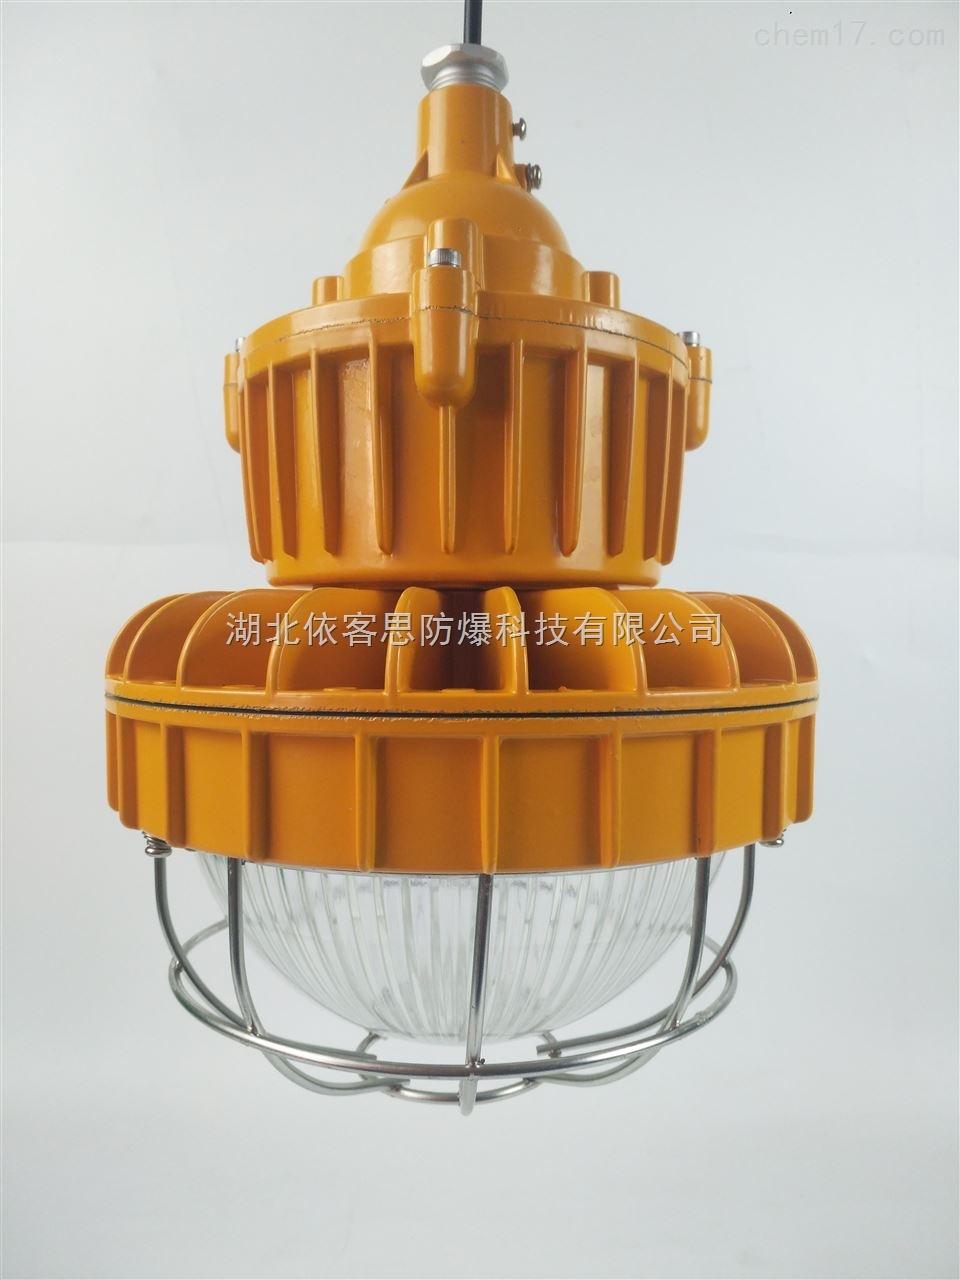 武汉壁式LED防爆灯厂家